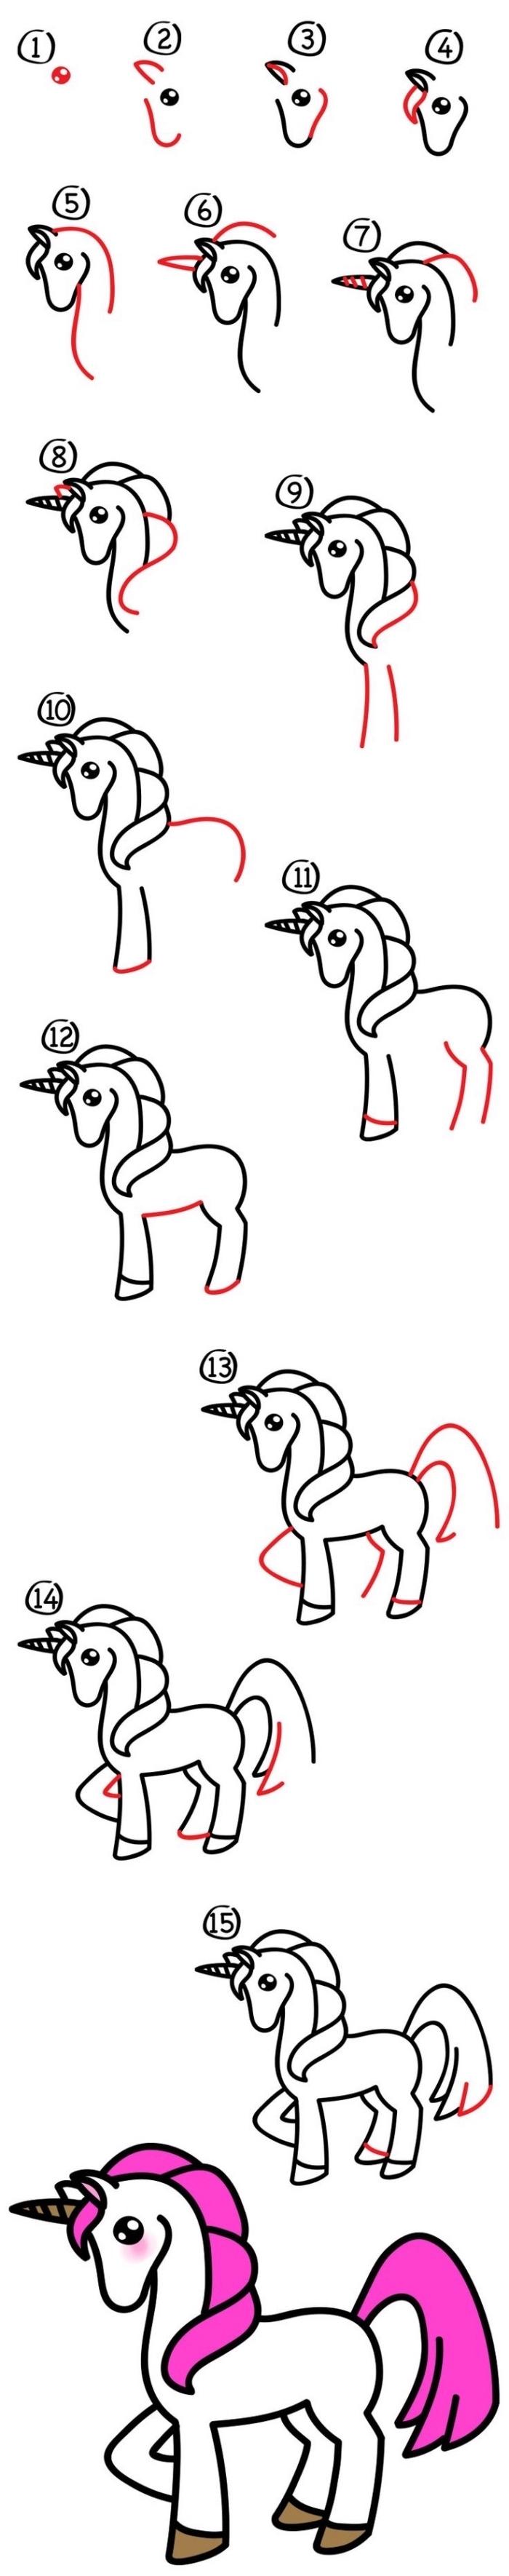 Dessin licorne, comment dessiner une licorne facile tuto, image anniversaire drole, dessin noir et blanc coloriage type